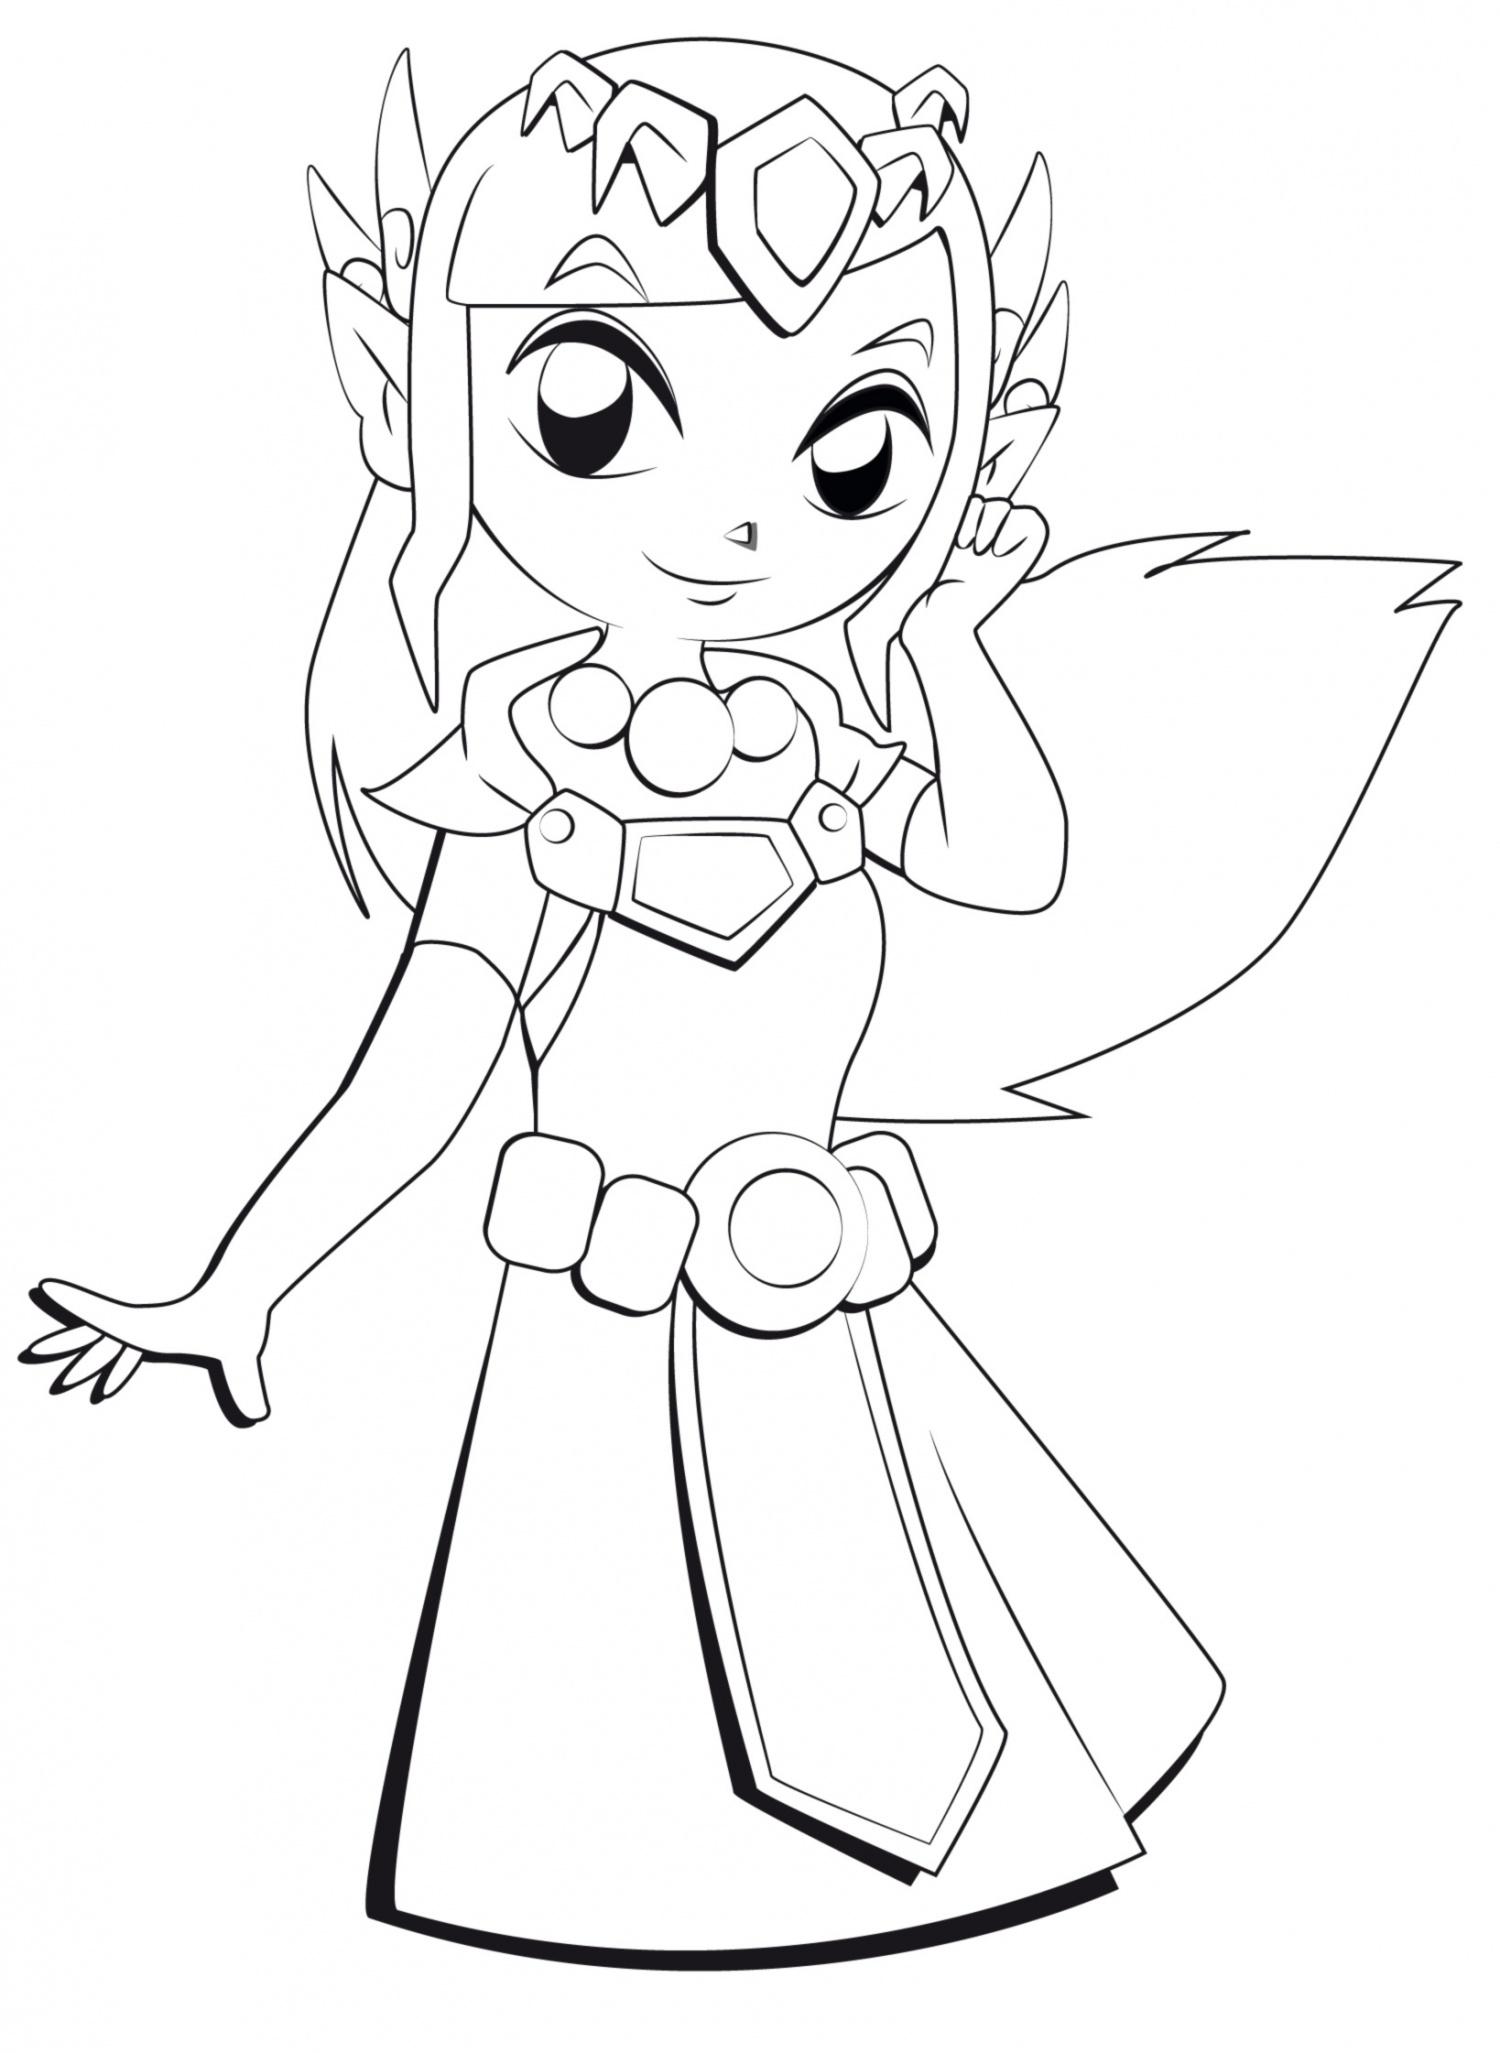 Dessin zelda facile - Princesse dessin facile ...